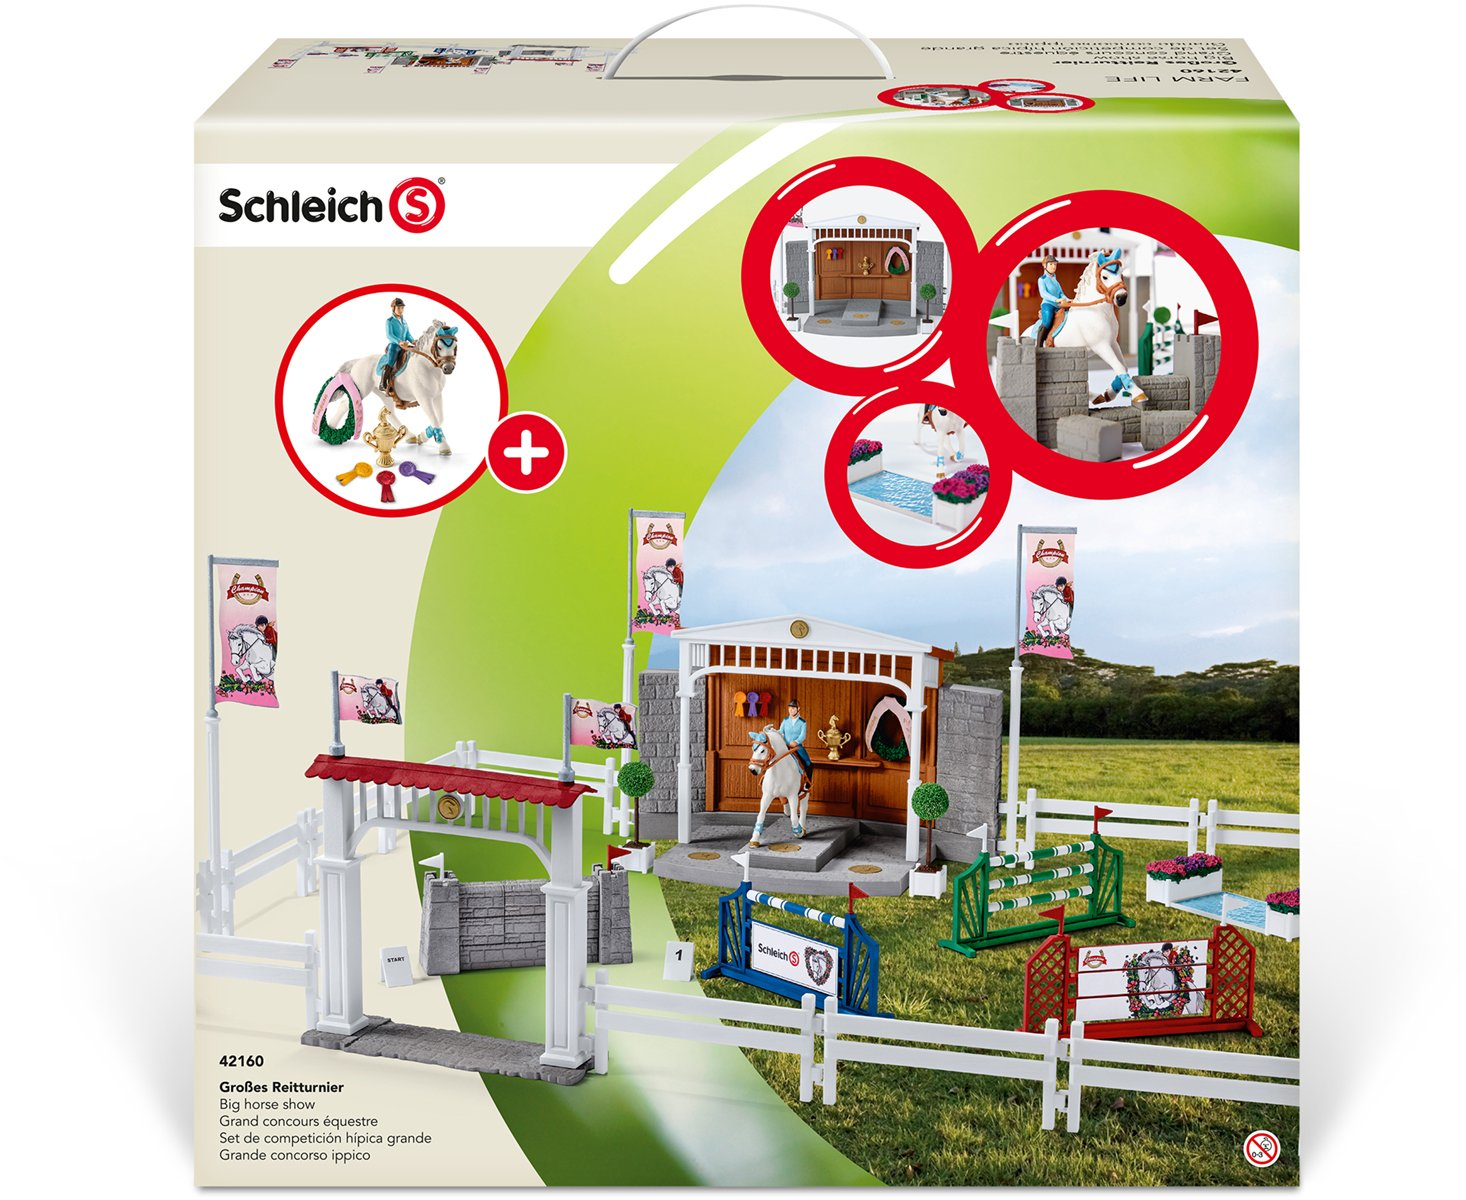 Schleich 42160 – Großes Reitturnier online kaufen